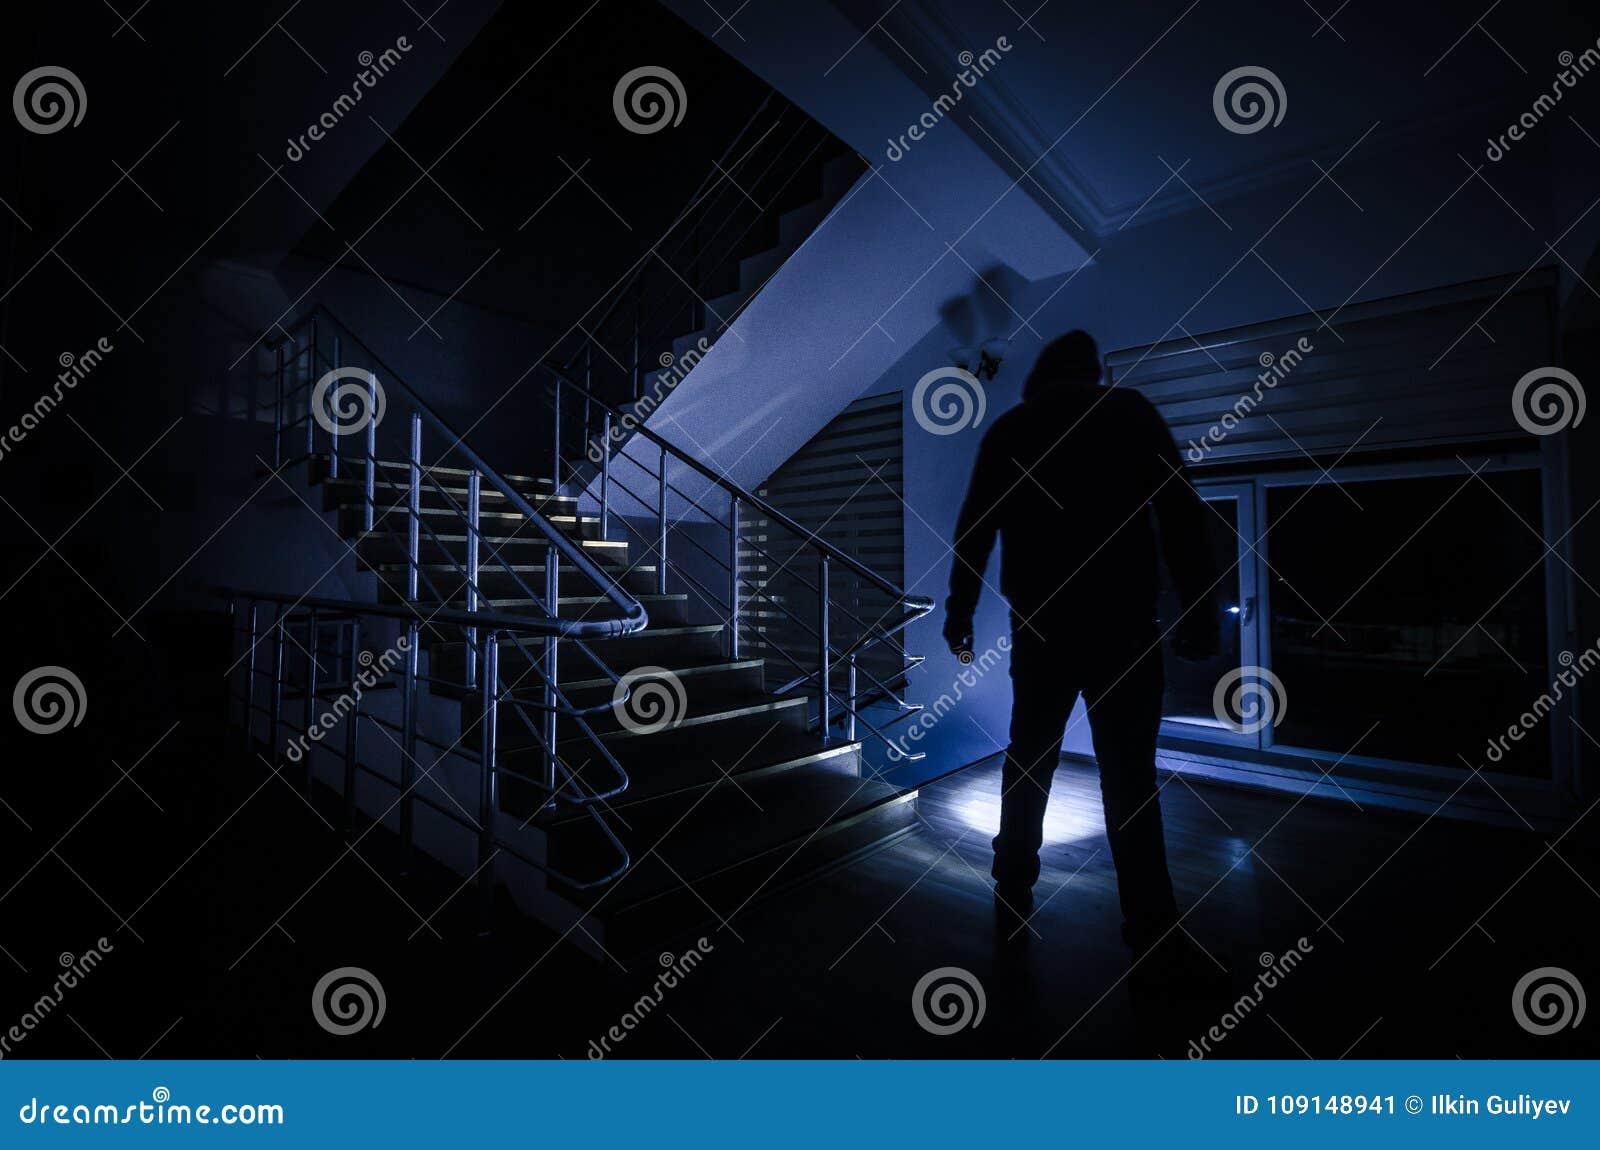 Ghost na casa assombrada em escadas, silhueta misteriosa do homem do fantasma com luz em escadas, cena do horror do llig assustad